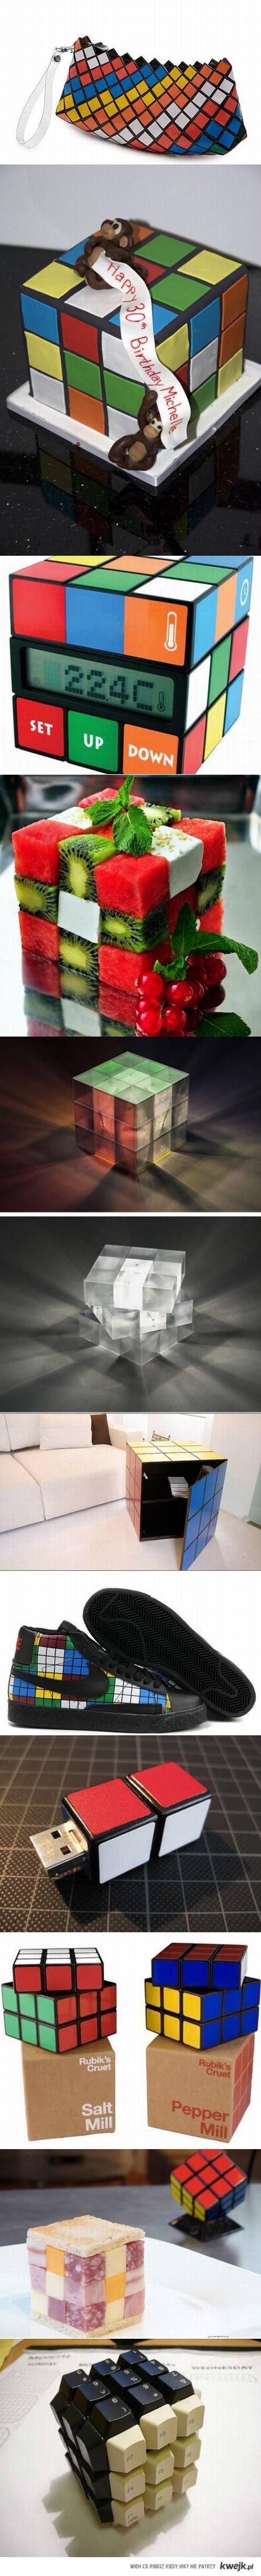 inspirowane kostką rubika